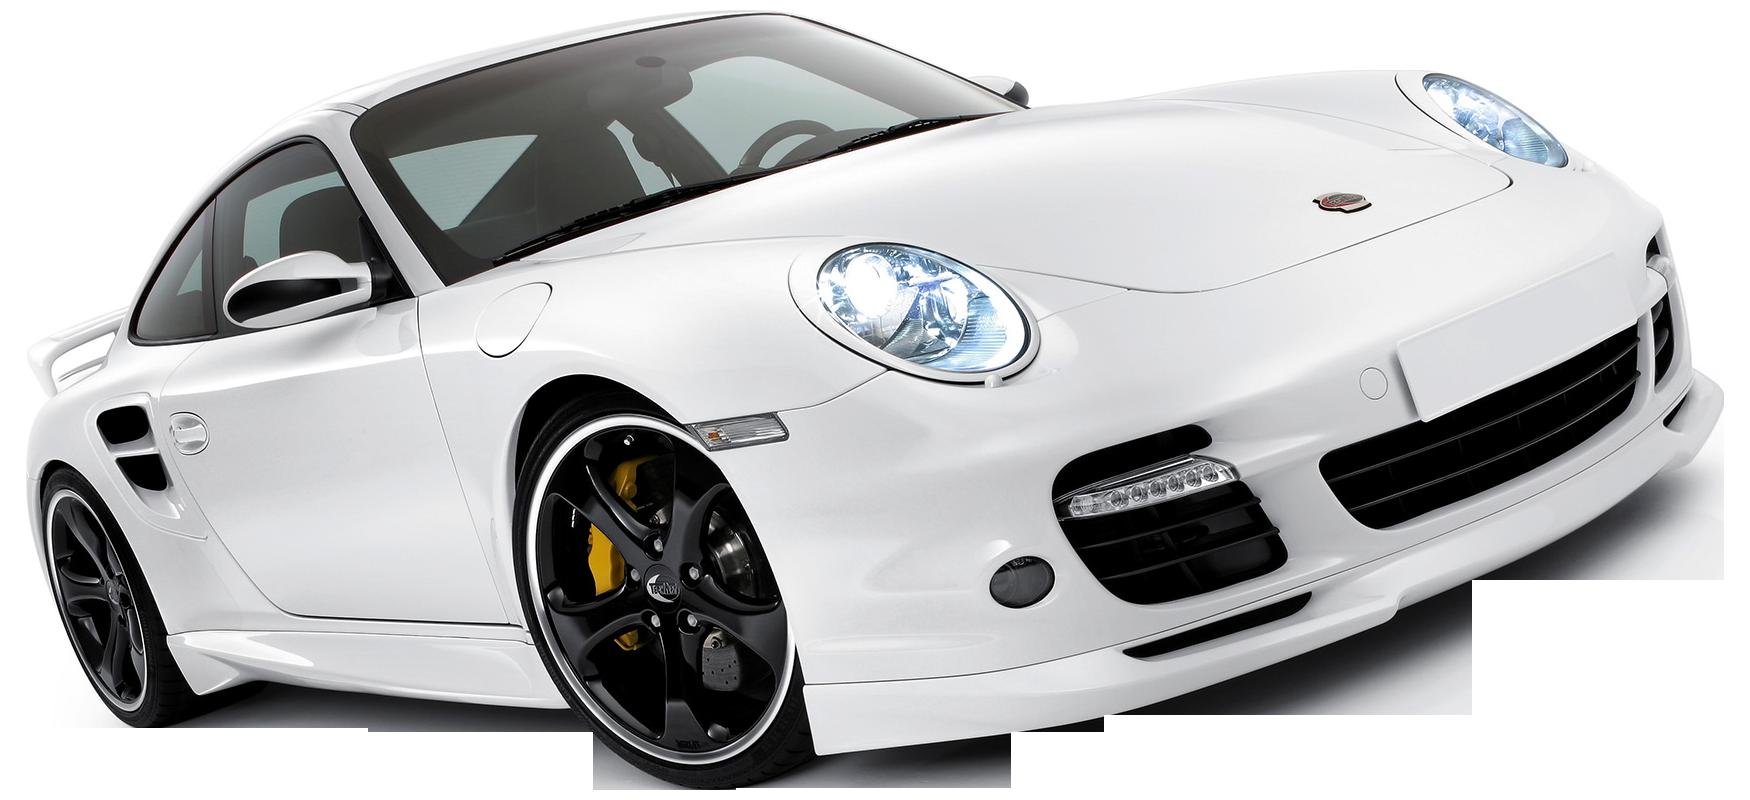 Best Graphuics Cars